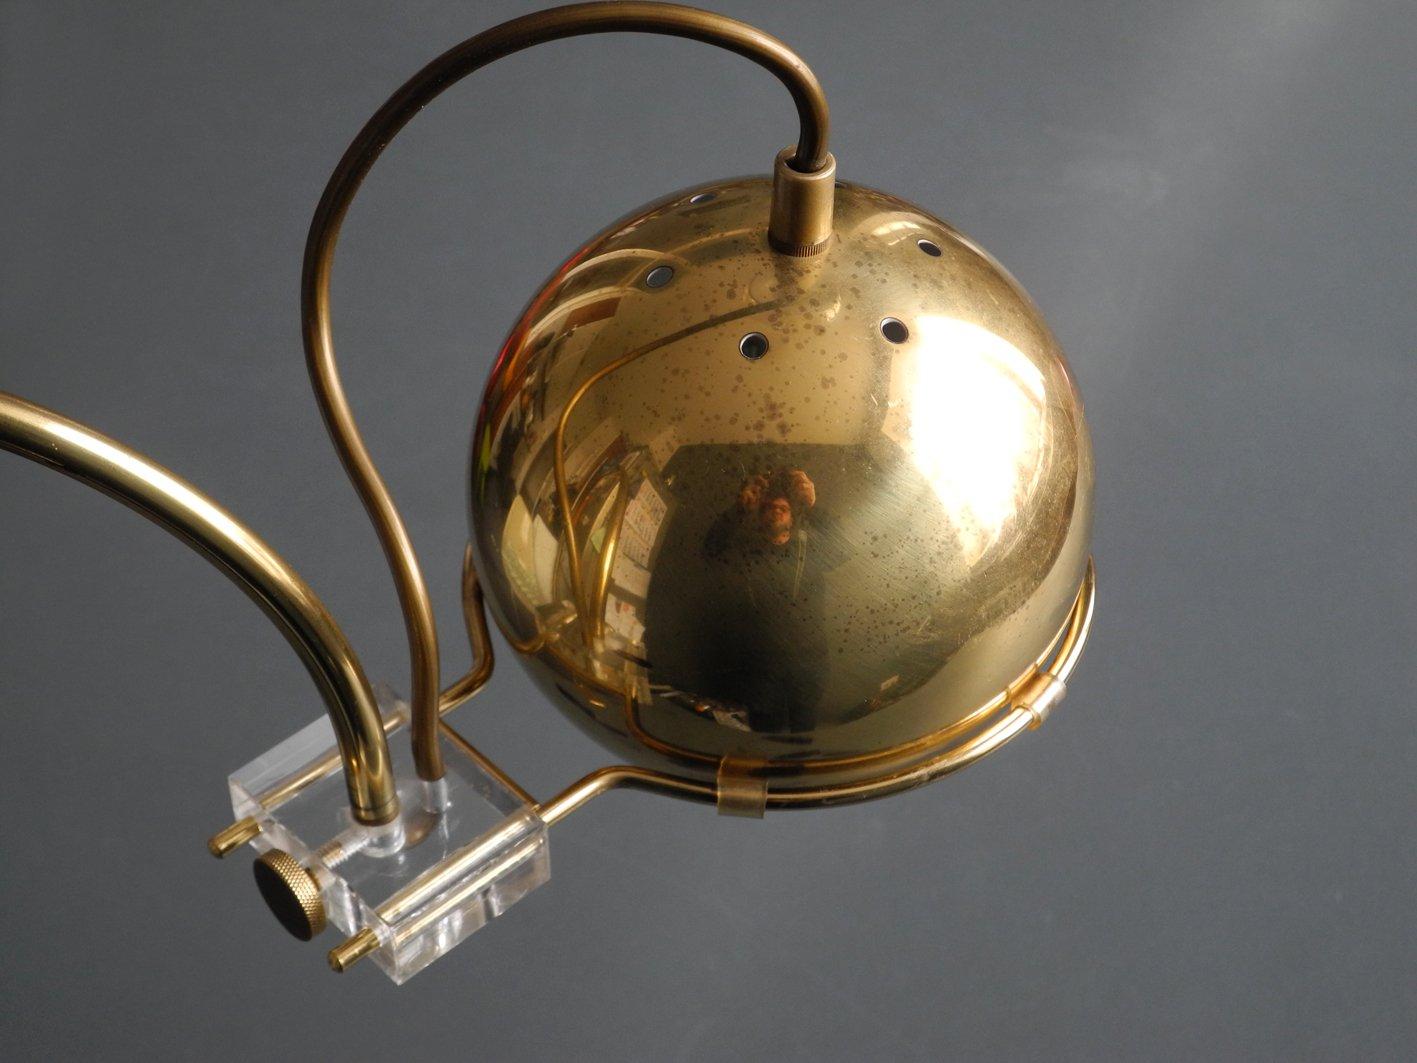 lampe pince enti rement en laiton avec abat jour flexible italie 1960s en vente sur pamono. Black Bedroom Furniture Sets. Home Design Ideas